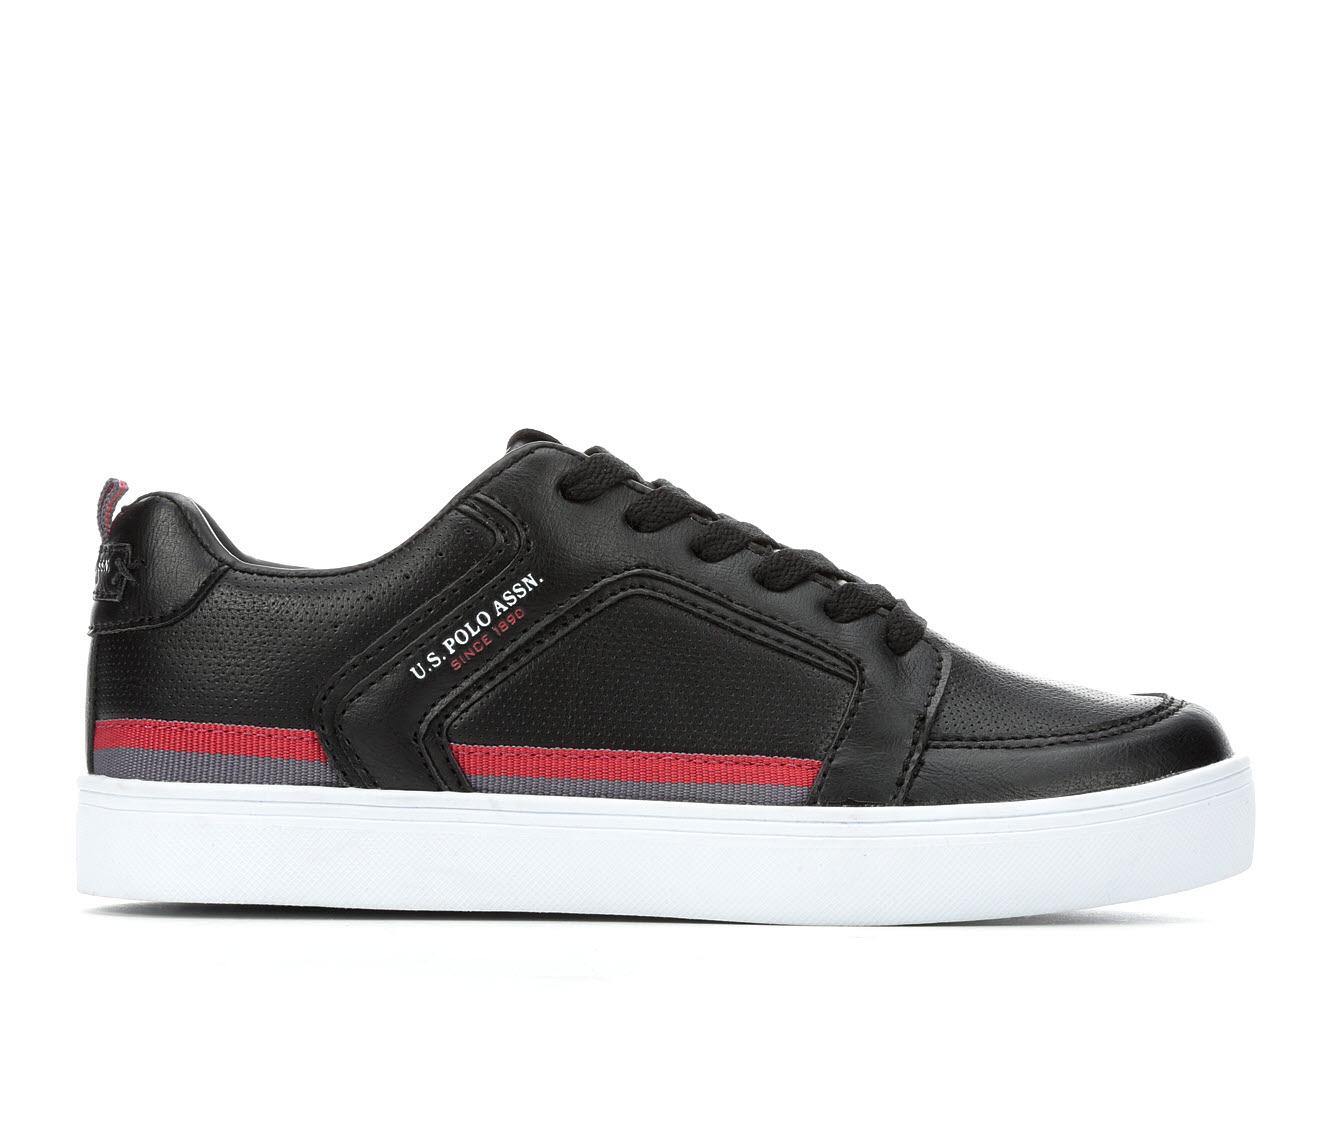 US Polo Assn Prime Women's Shoe (Black Faux Leather)